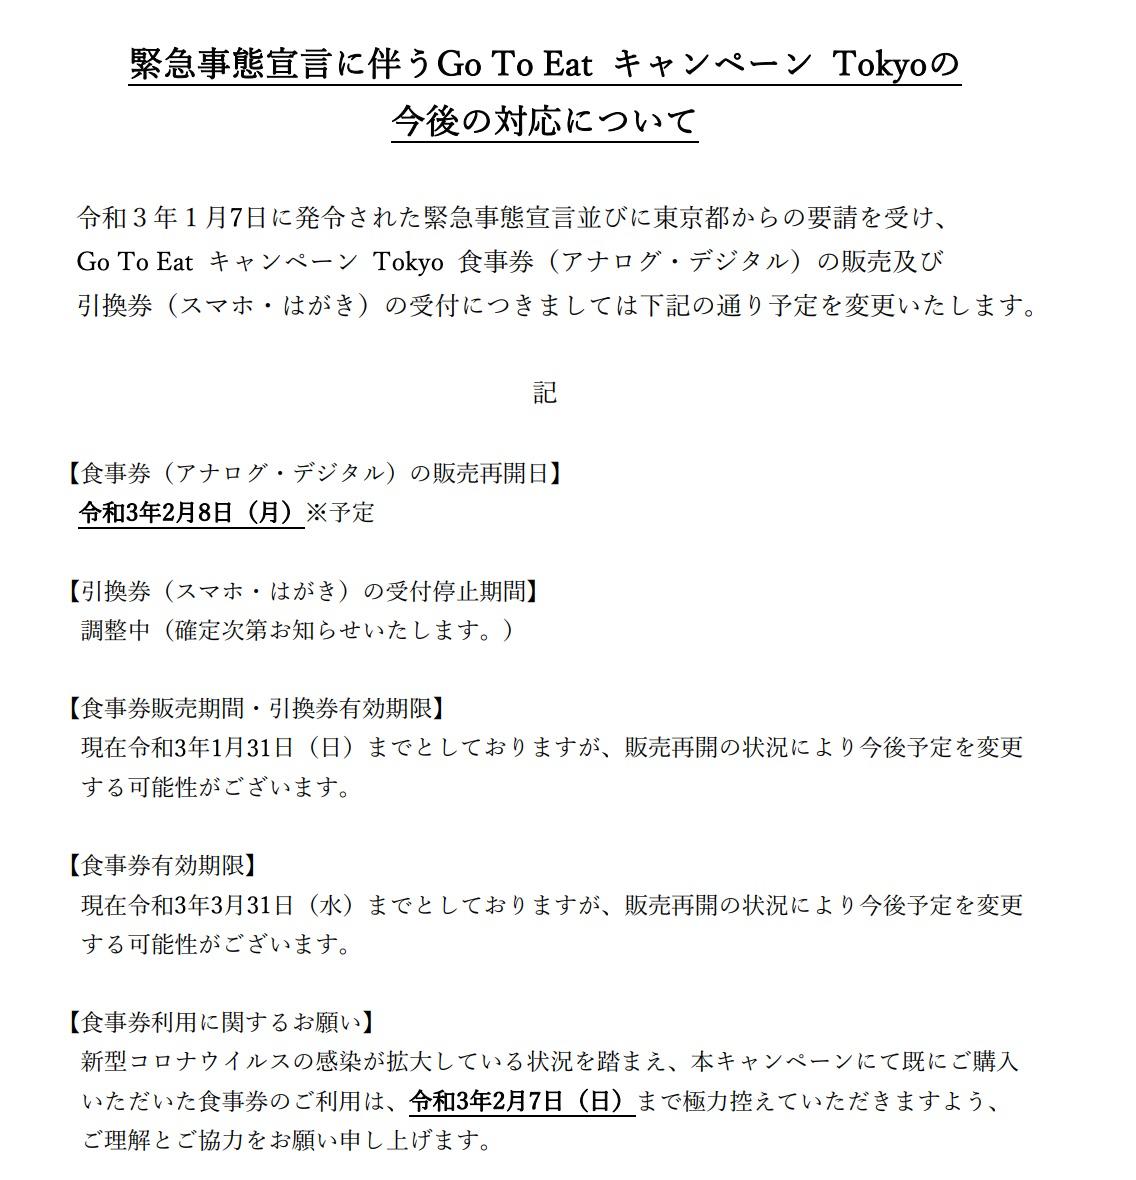 緊急事態宣言に伴うGo To Eat キャンペーン Tokyoの 今後の対応について